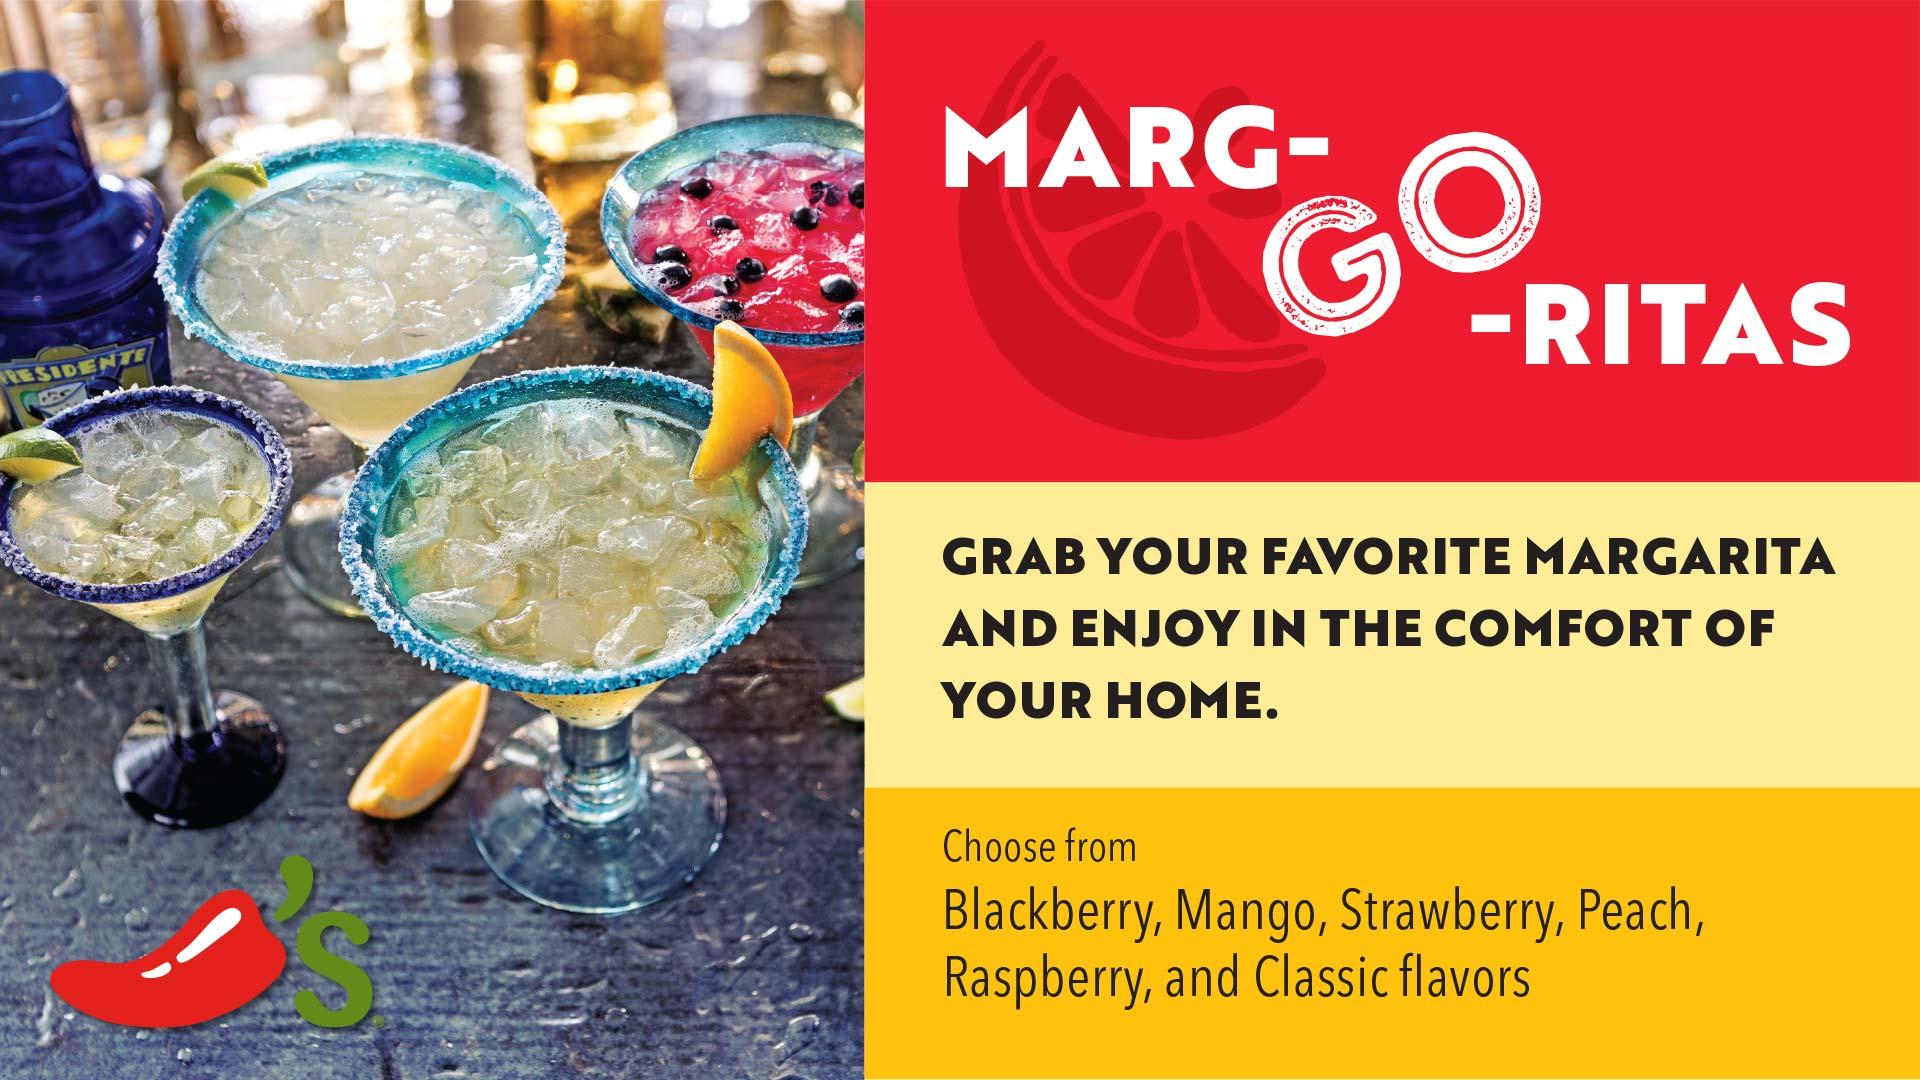 Slide_Chilis_Marg-Go-Ritas-Classic-Margaritas-2020